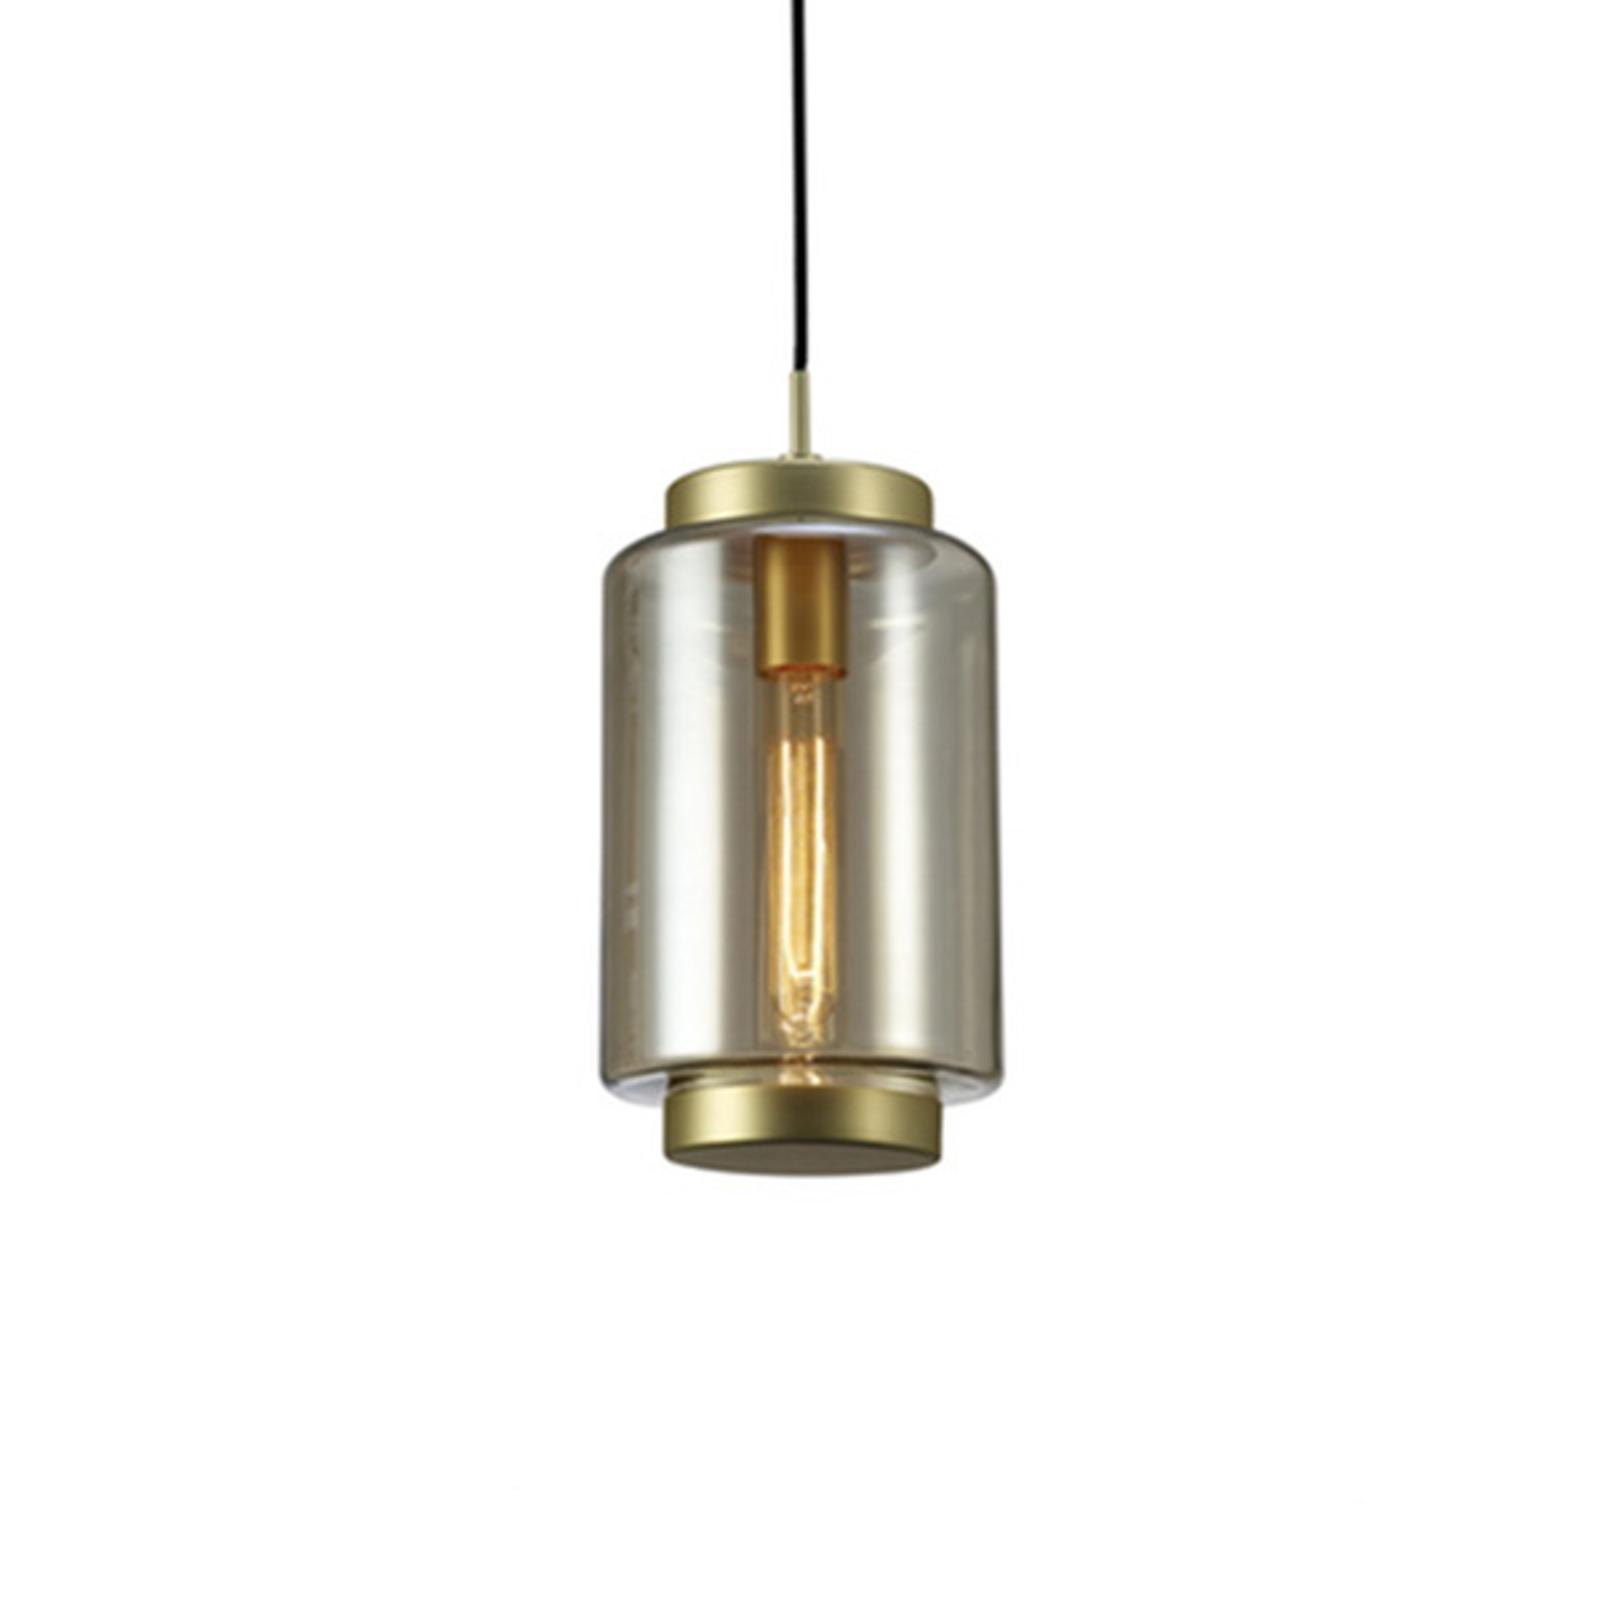 Lampa wisząca Jarras, wysokość 34,5 cm, brązowa